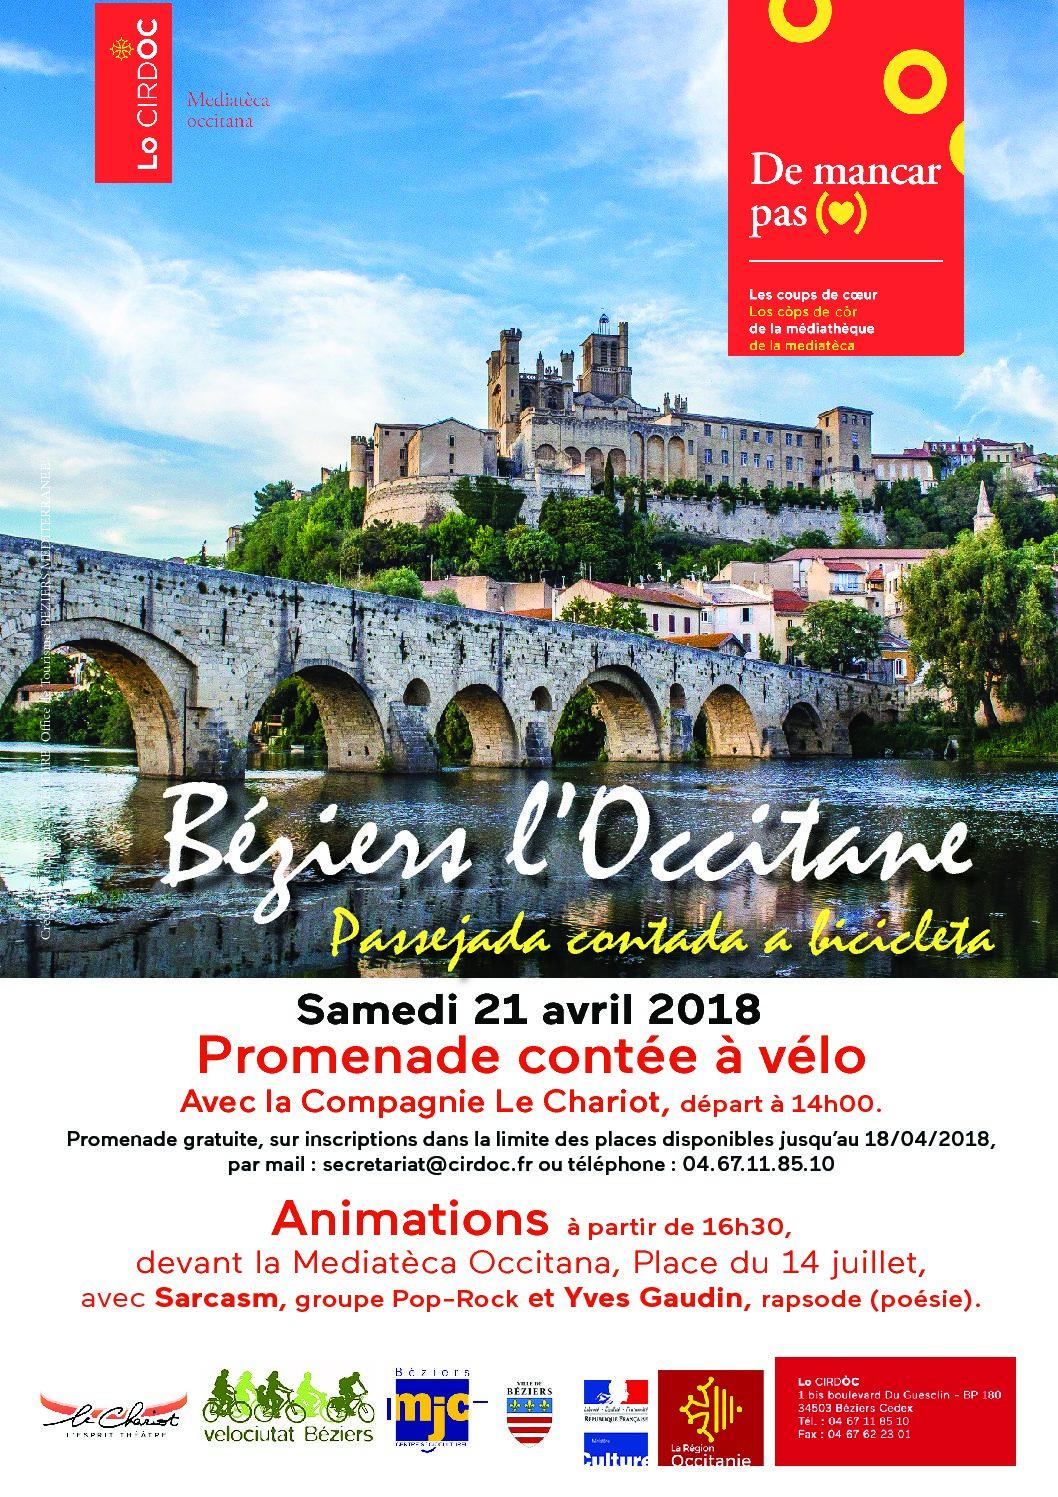 http://www.locirdoc.fr/wp-content/uploads/2018/03/Beziers-occitane-affiche3okmjc-1-pdf.jpg